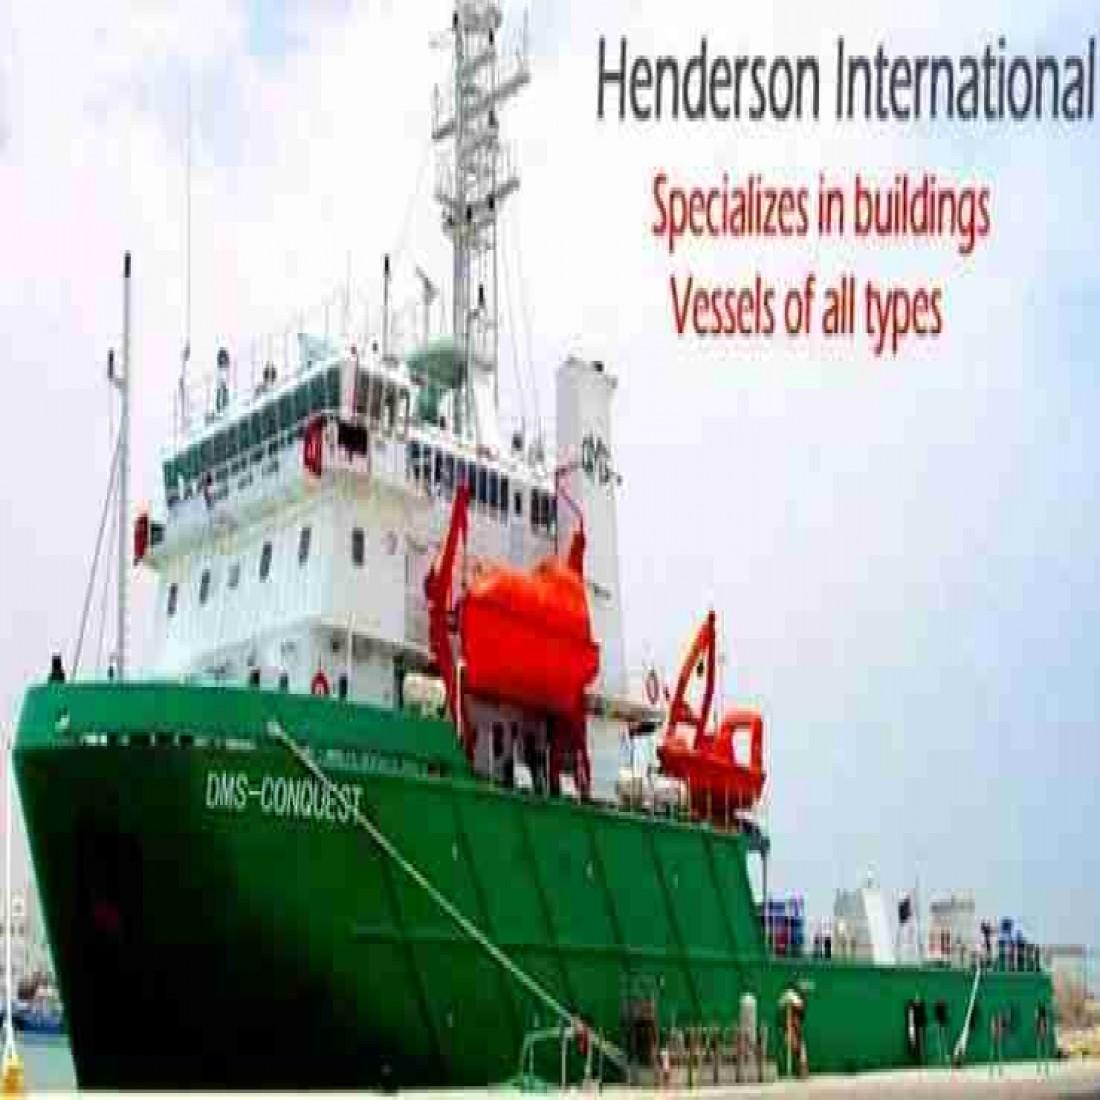 شرکت بازرسی بین المللی هندرسون اینترنشنال ایران- ارائه دهنده خدمات بازرسی و مشاوره ایی